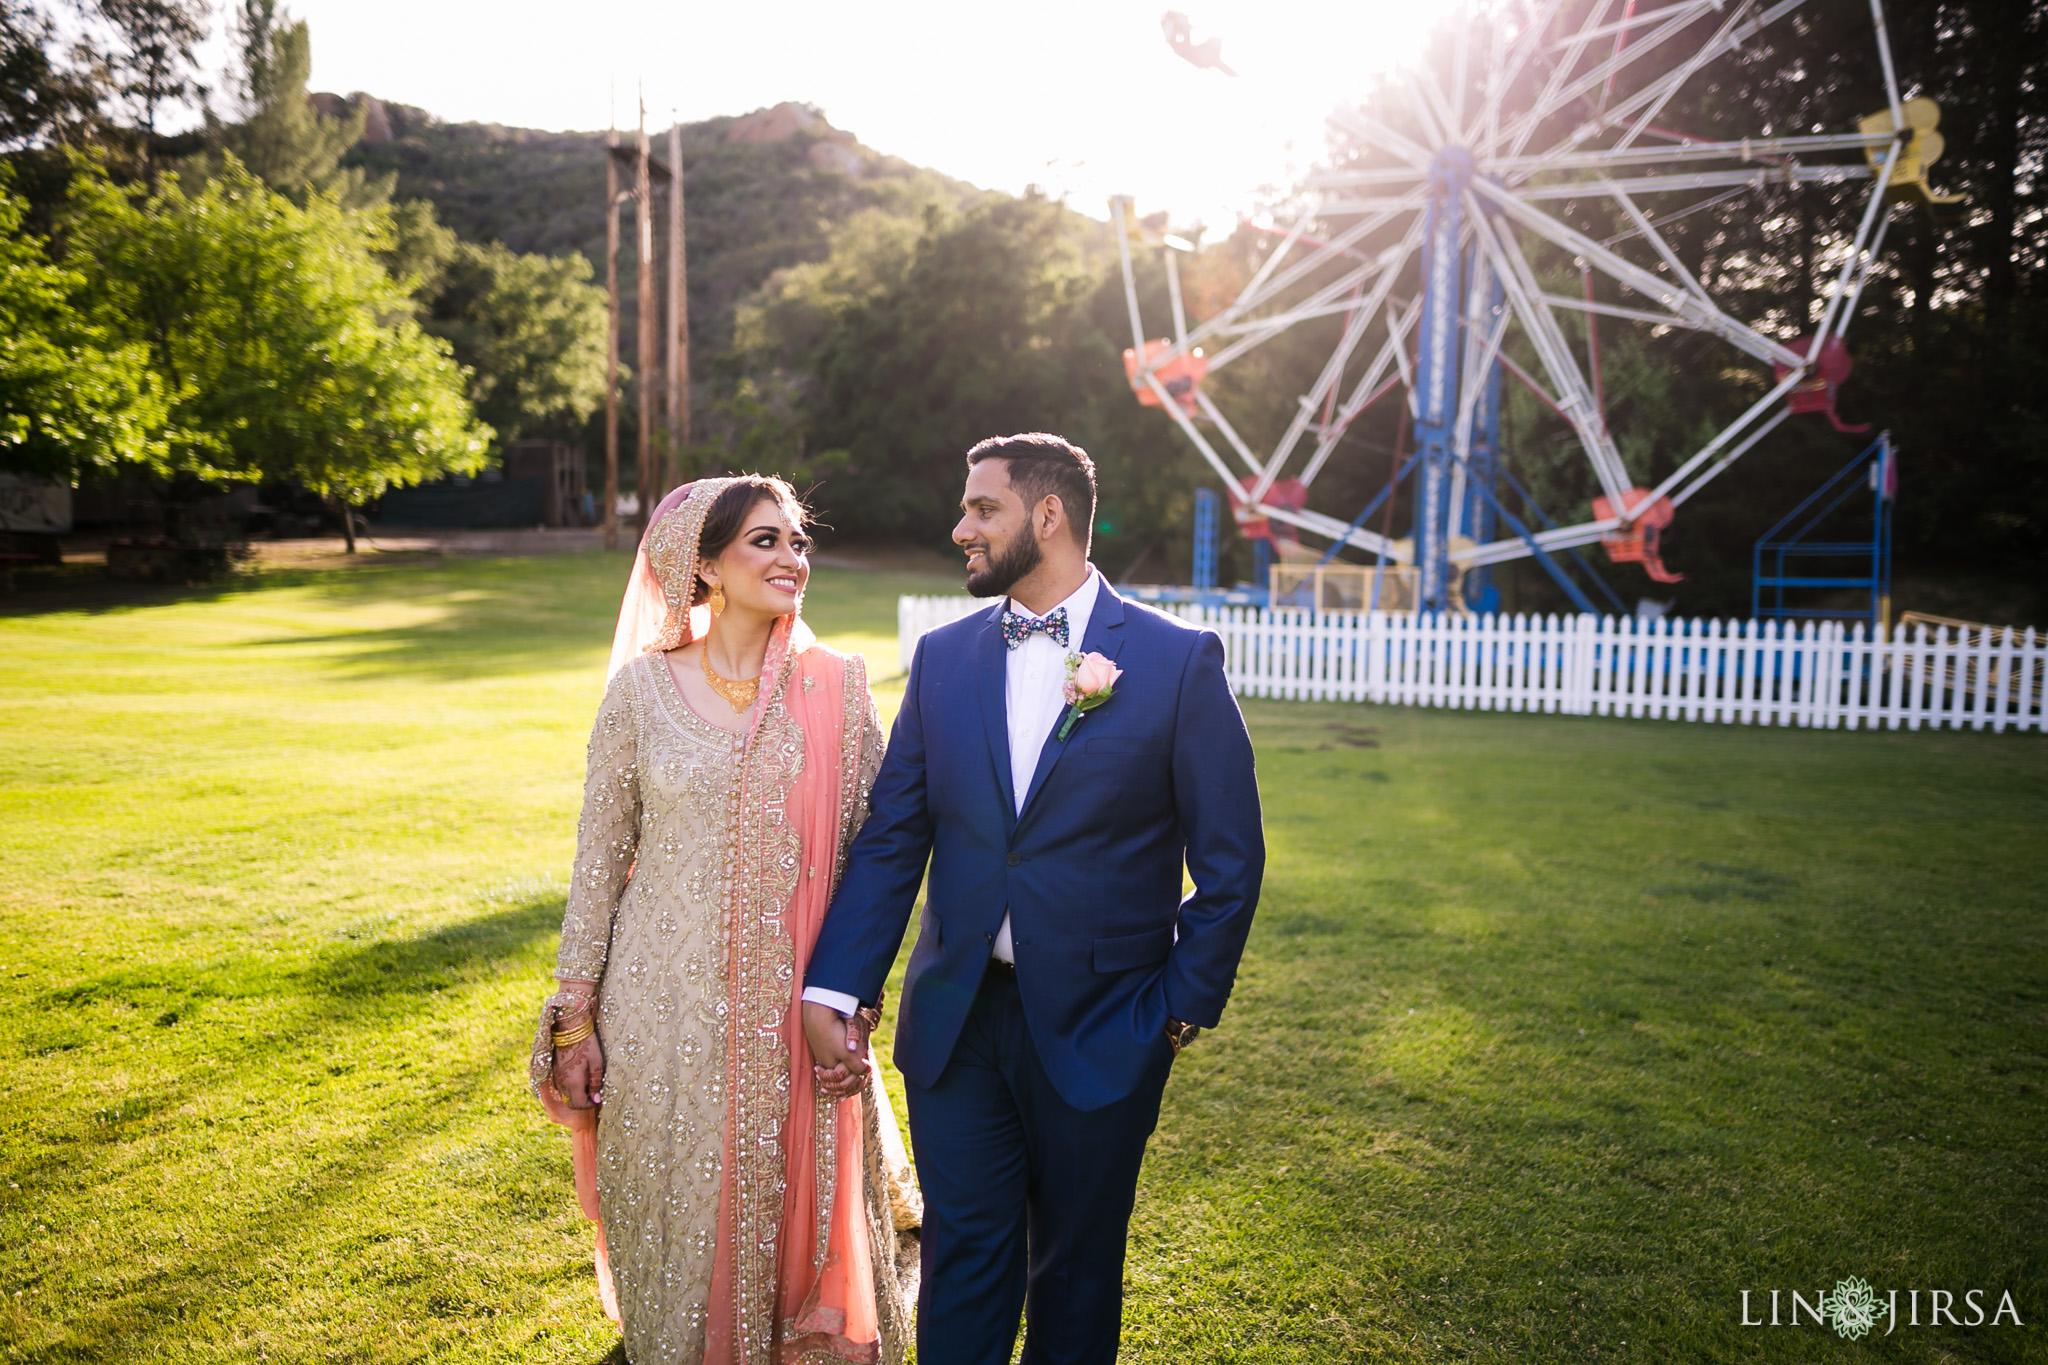 12-calamigos-ranch-muslim-wedding-photography